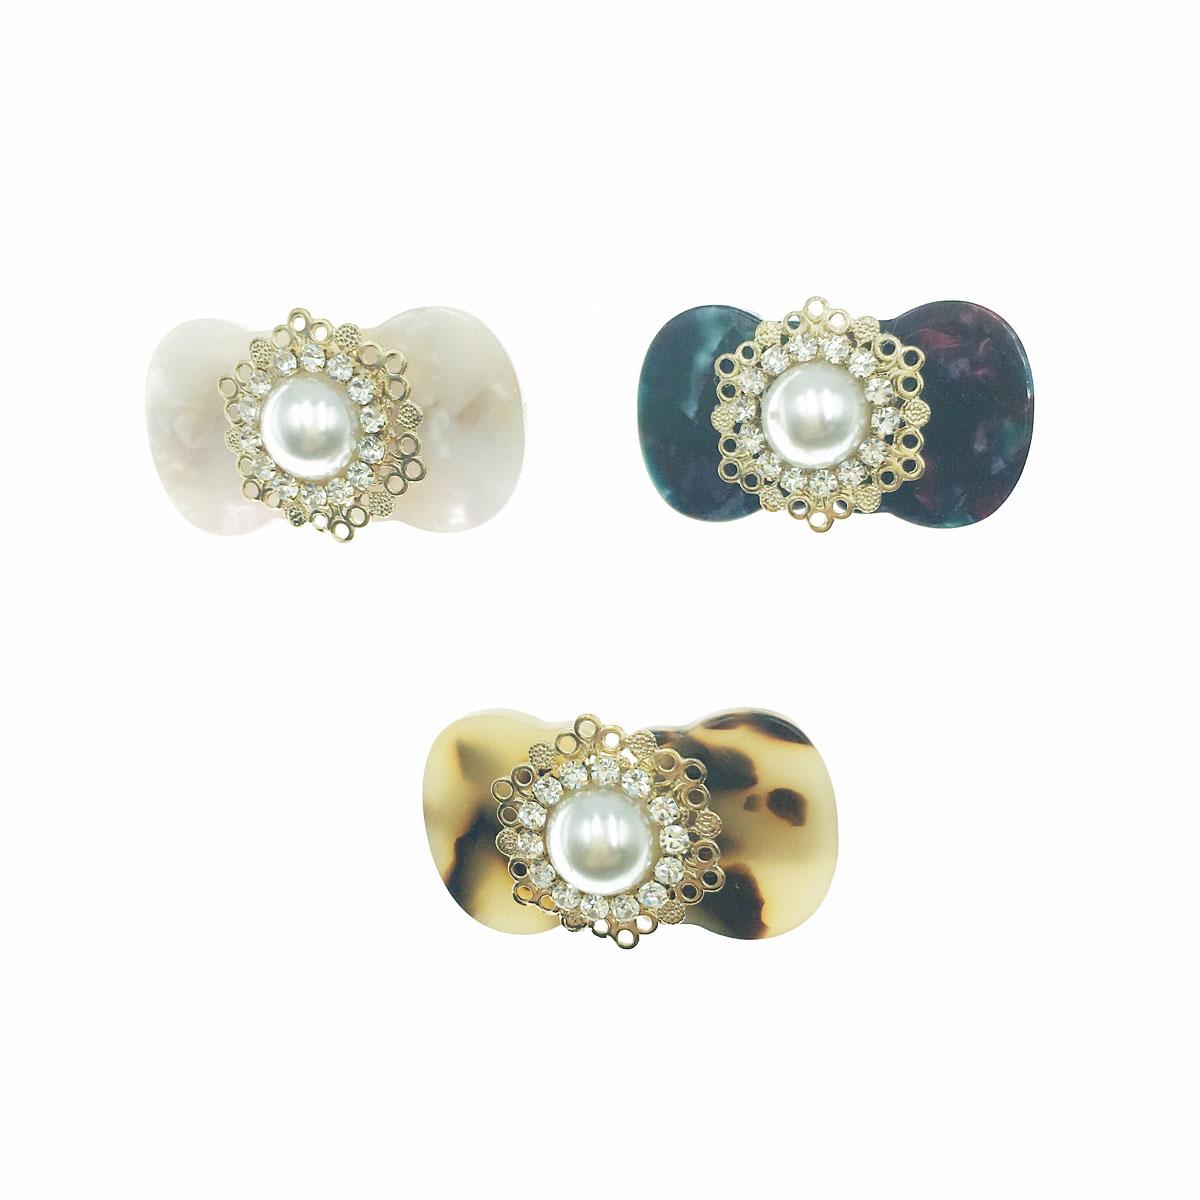 韓國 珍珠 水鑽 理石 蝴蝶結 三色 壓夾 髮夾 髮飾